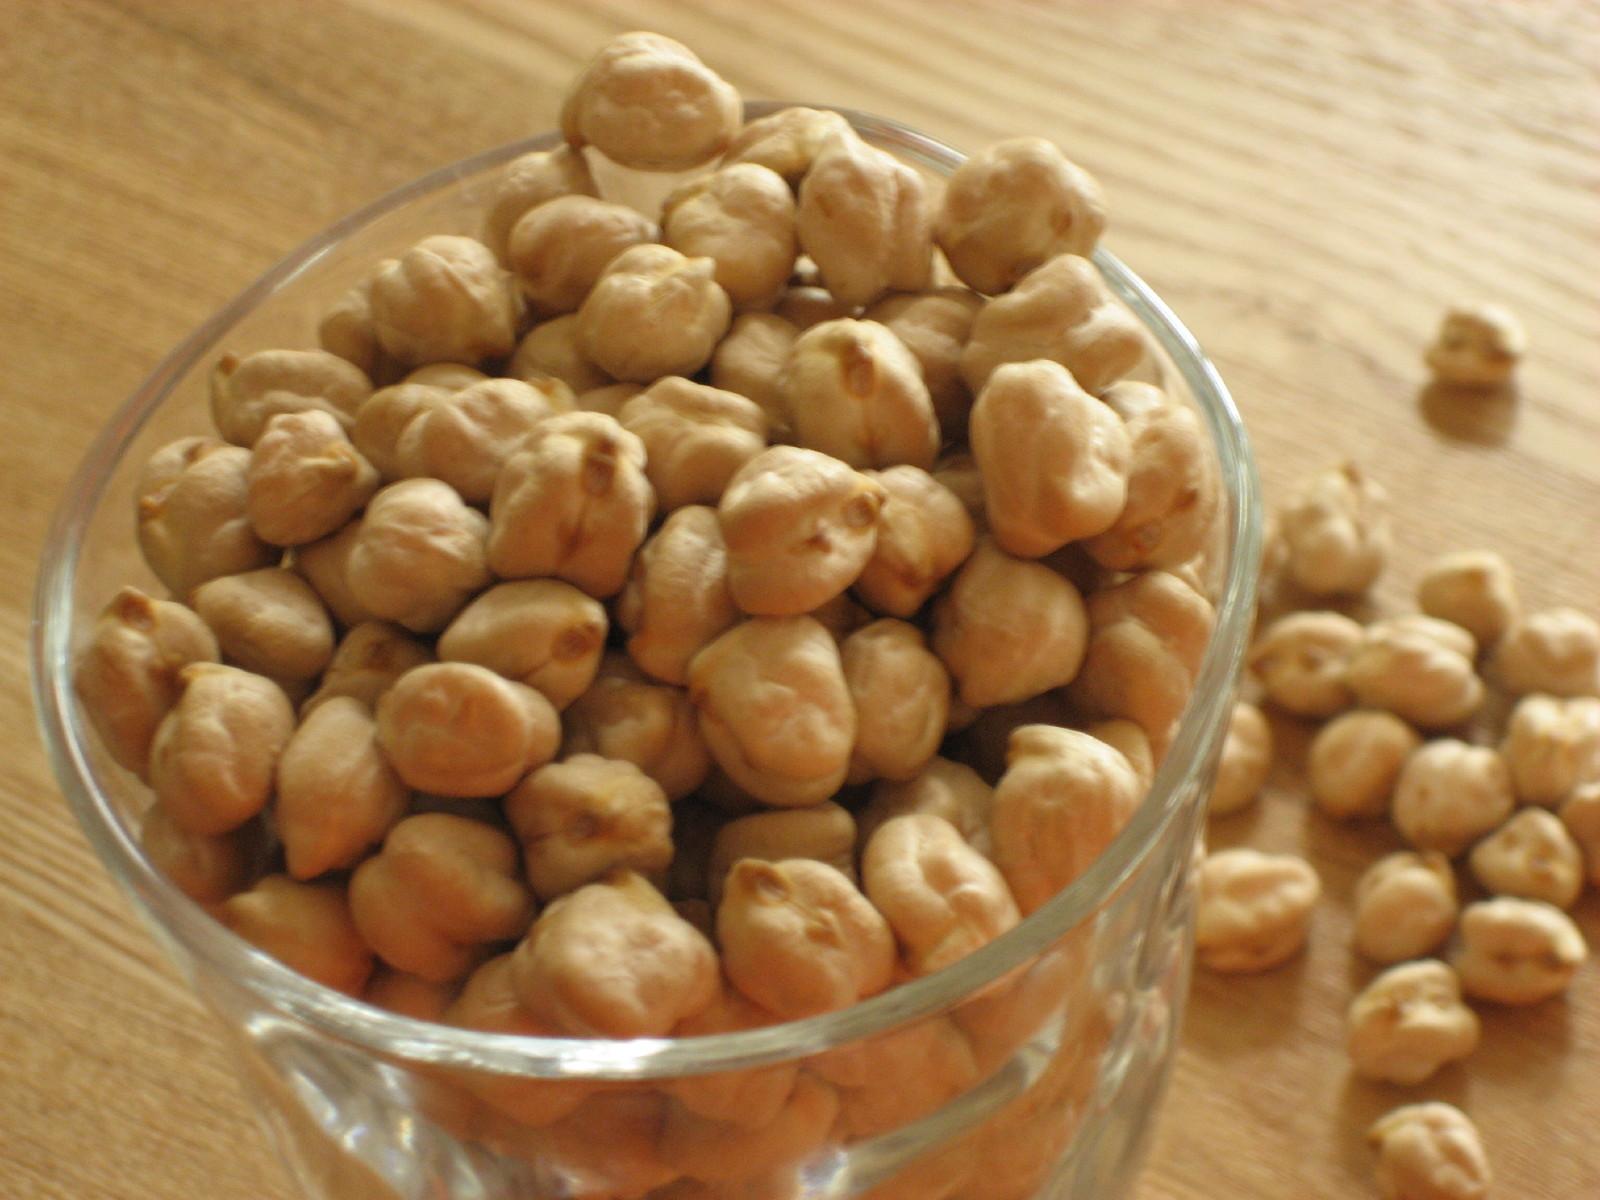 まごわやさしい♪ひよこ豆で作る簡単レシピで目指せ健康体!のサムネイル画像